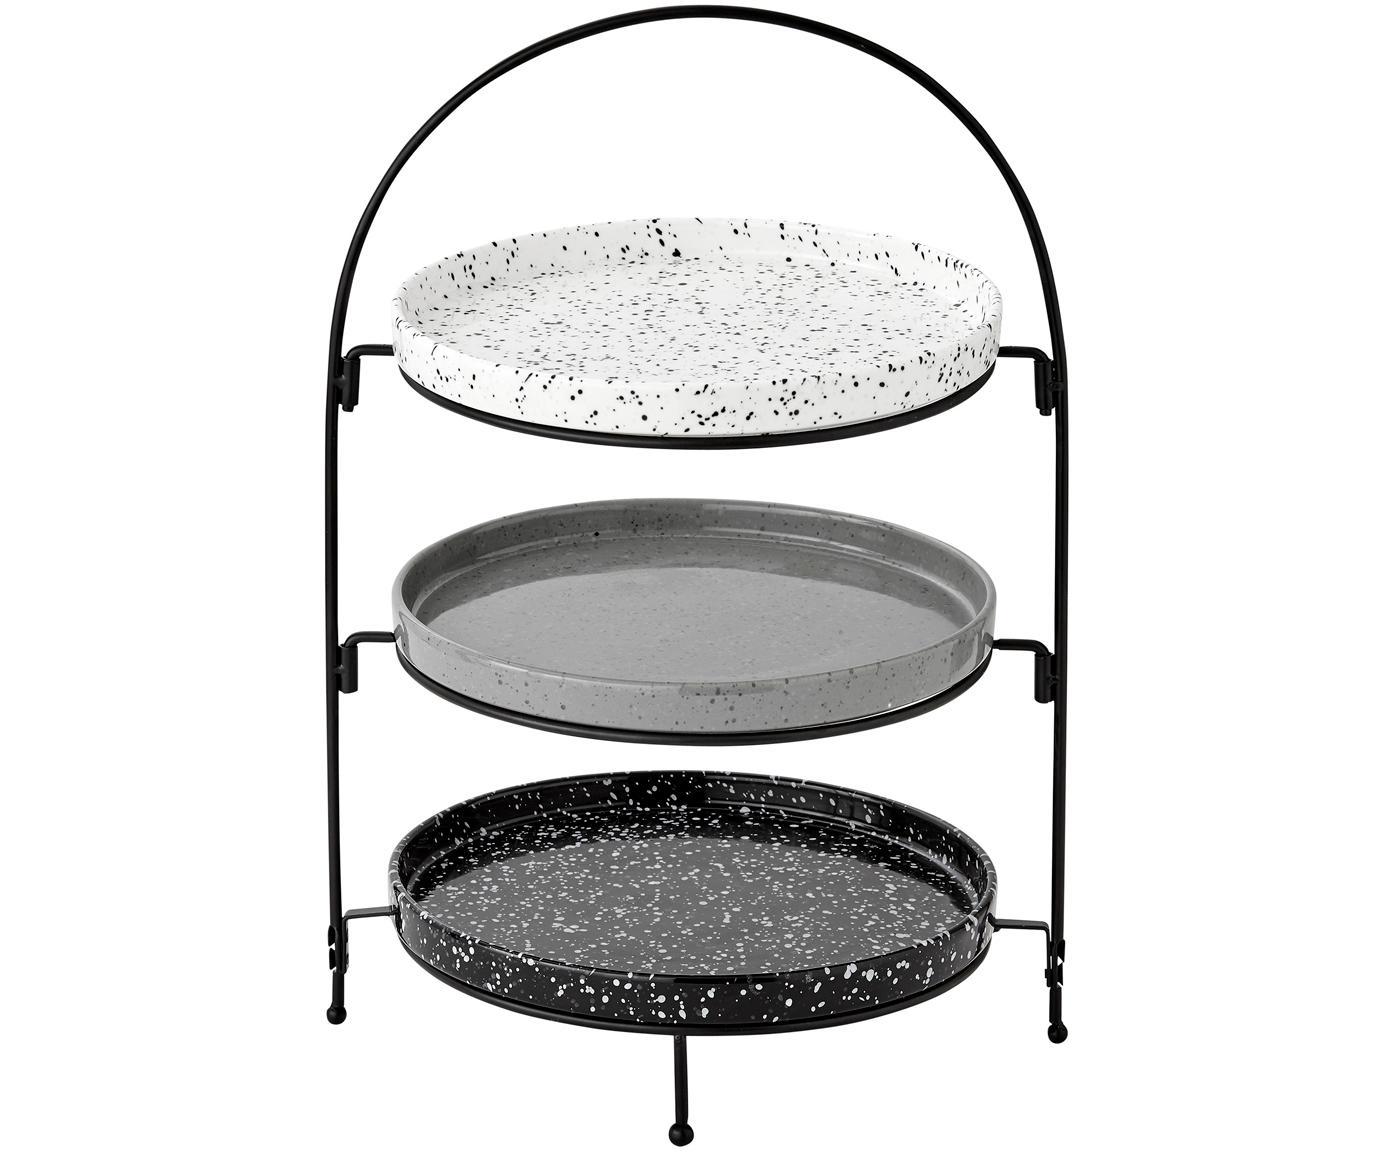 Etagere Tazzo, Ripiani: porcellana, Struttura: metallo verniciato, Nero, bianco, grigio, Larg. 30 x Alt. 55 cm